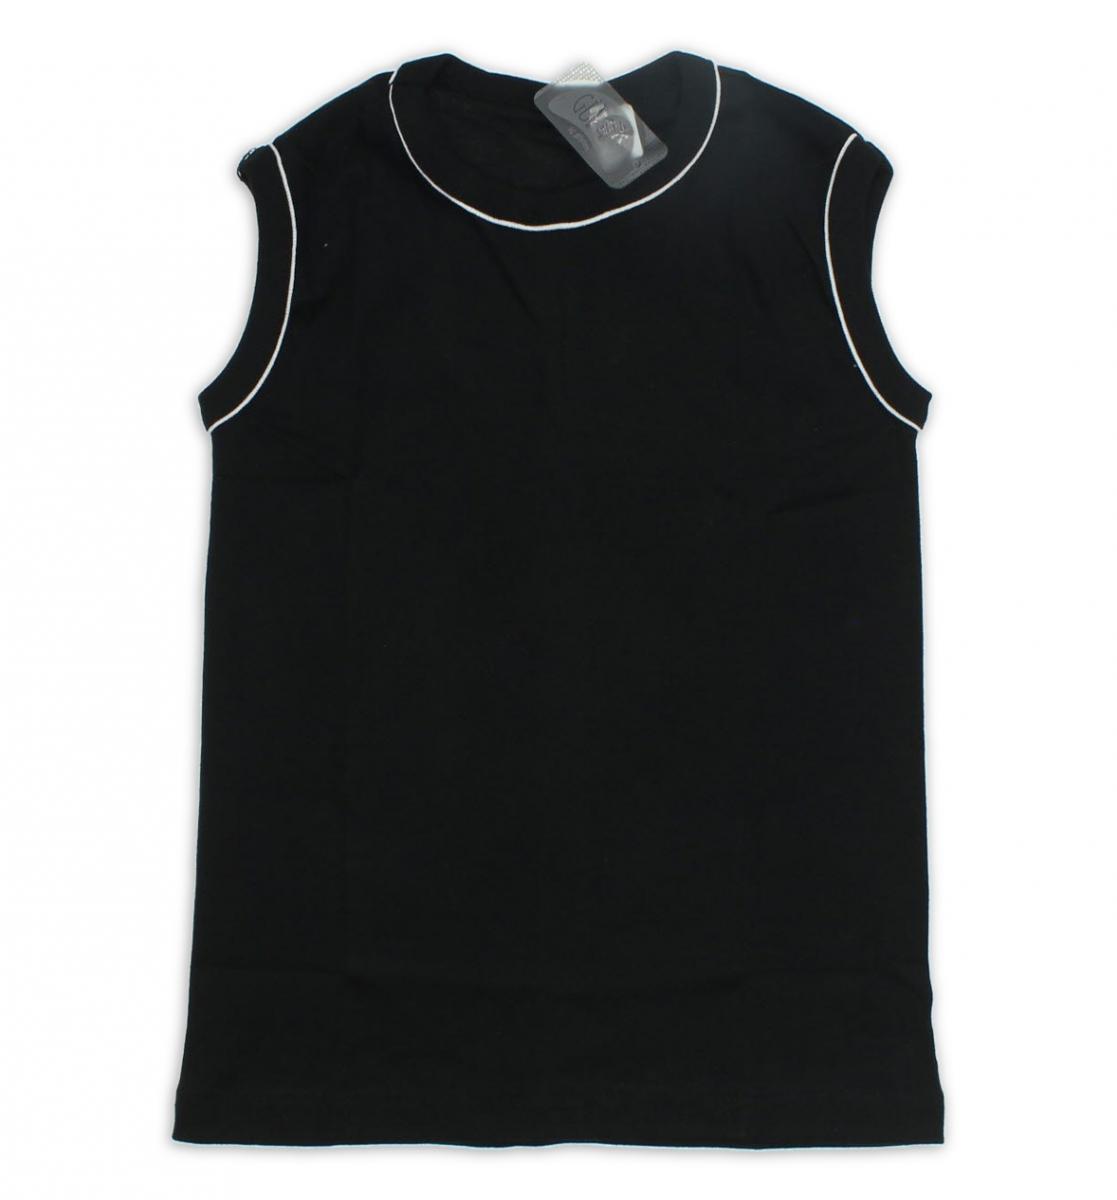 Gümüş İç Giyim 2li Erkek Çocuk Spor Fanila 040-4049-038